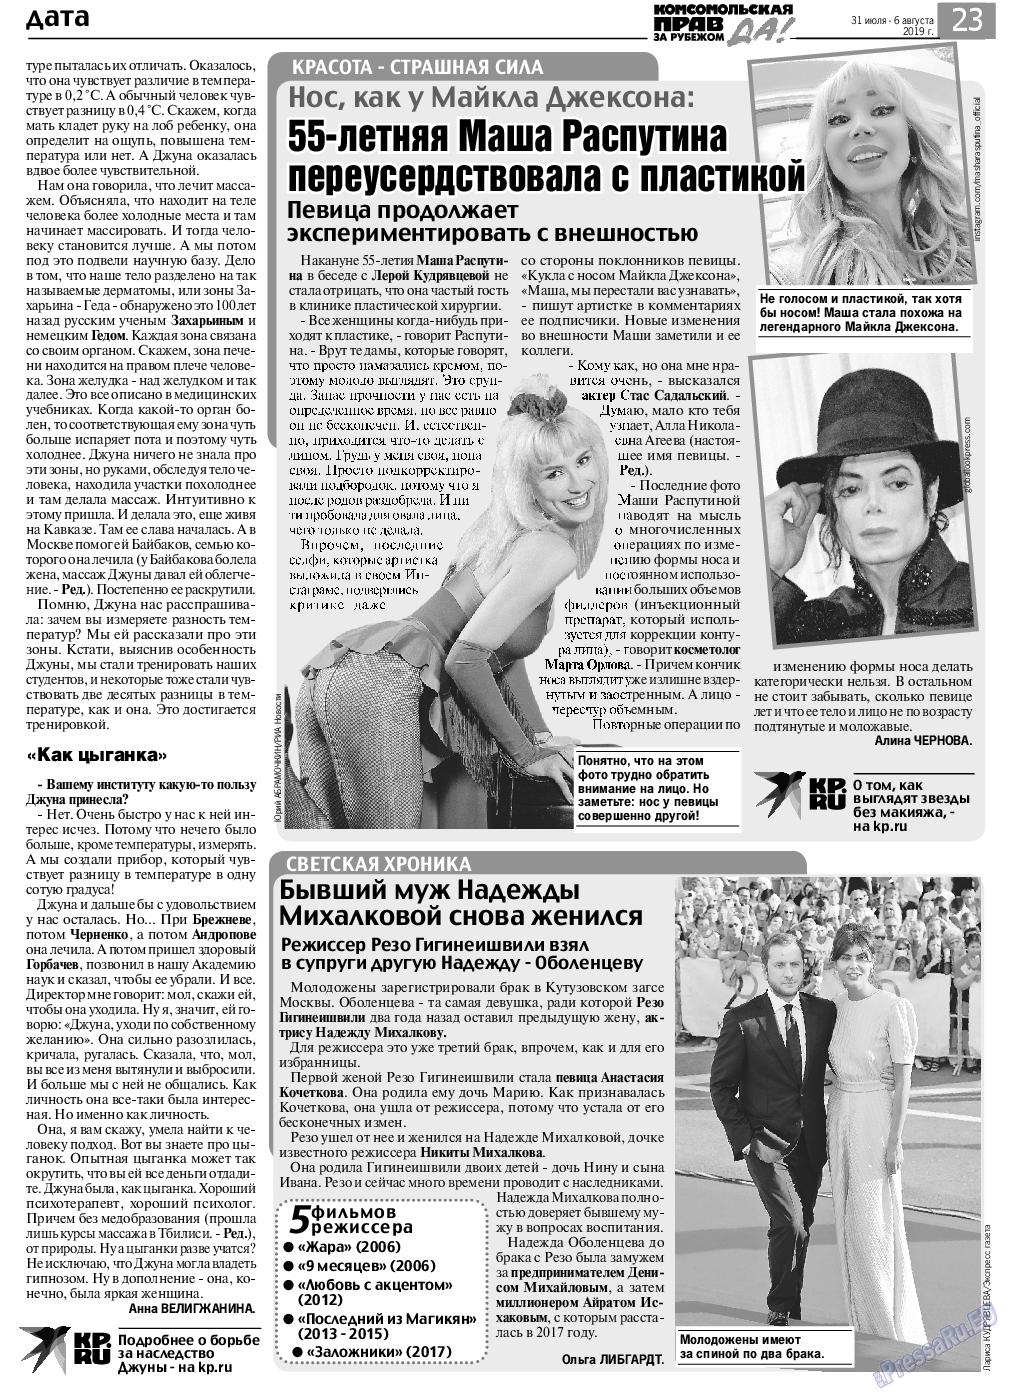 КП в Европе (газета). 2019 год, номер 31, стр. 23